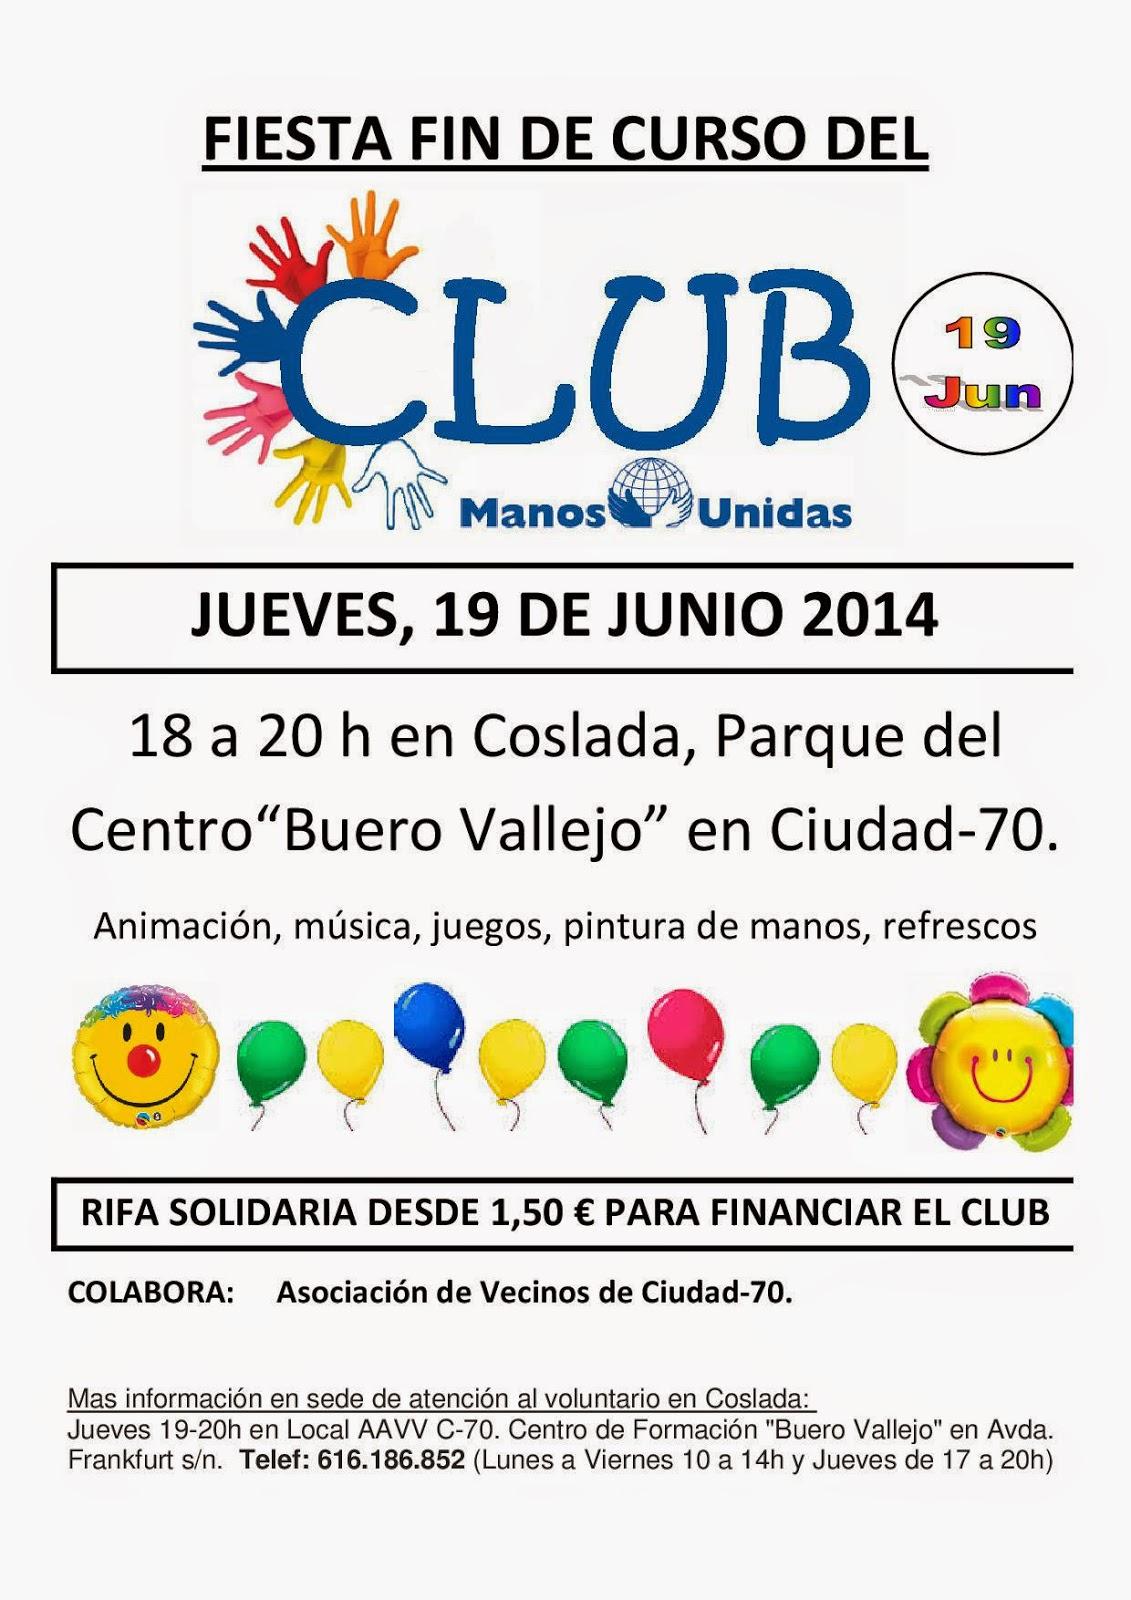 MANOS UNIDAS COSLADA - SAN FERNANDO (MADRID): septiembre 2014